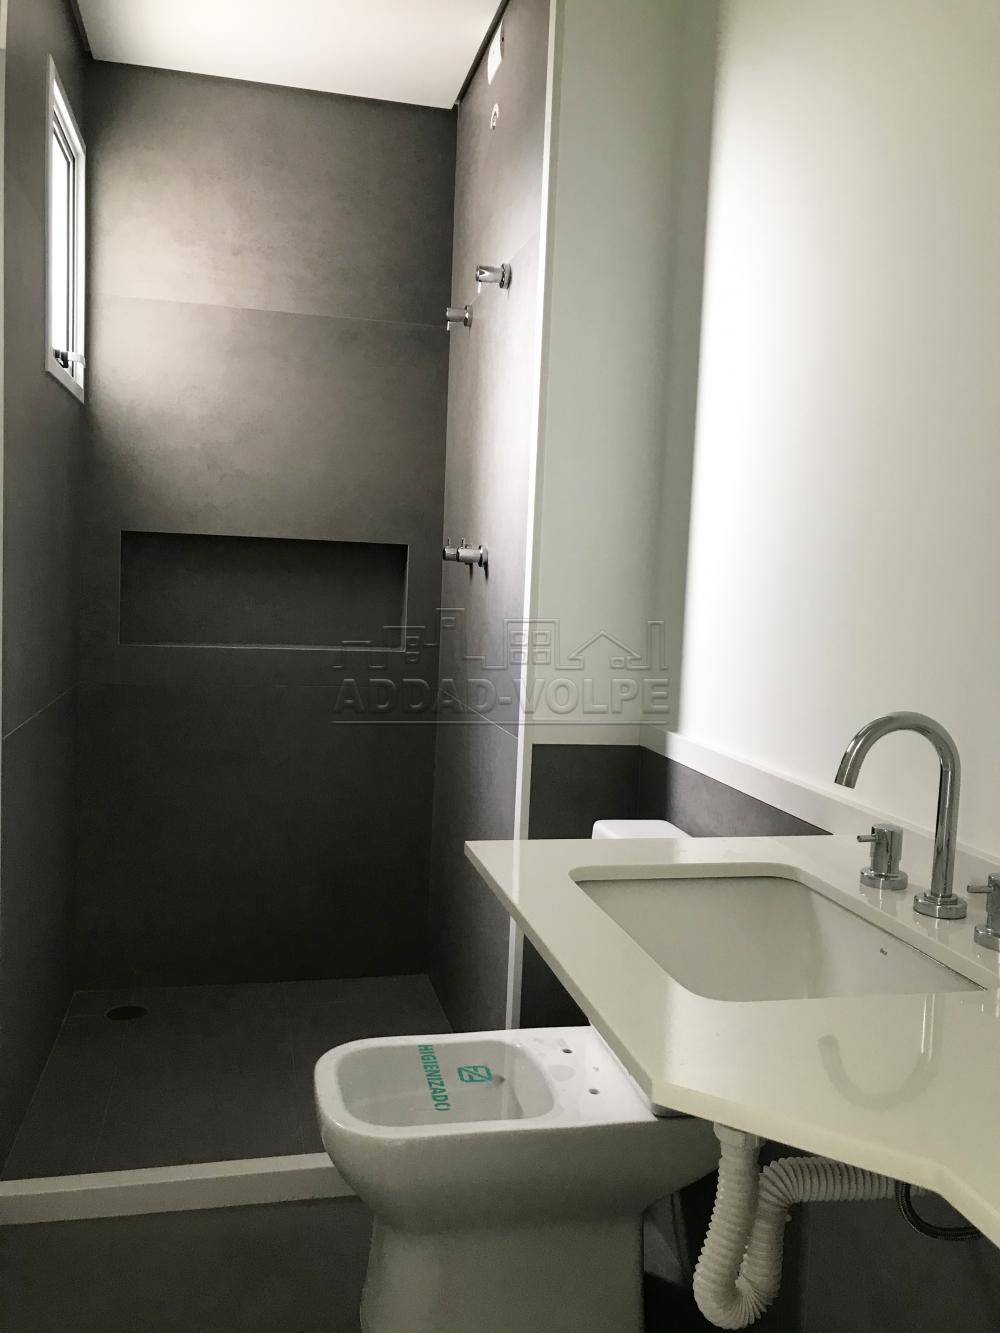 Comprar Apartamento / Padrão em Bauru apenas R$ 600.000,00 - Foto 13